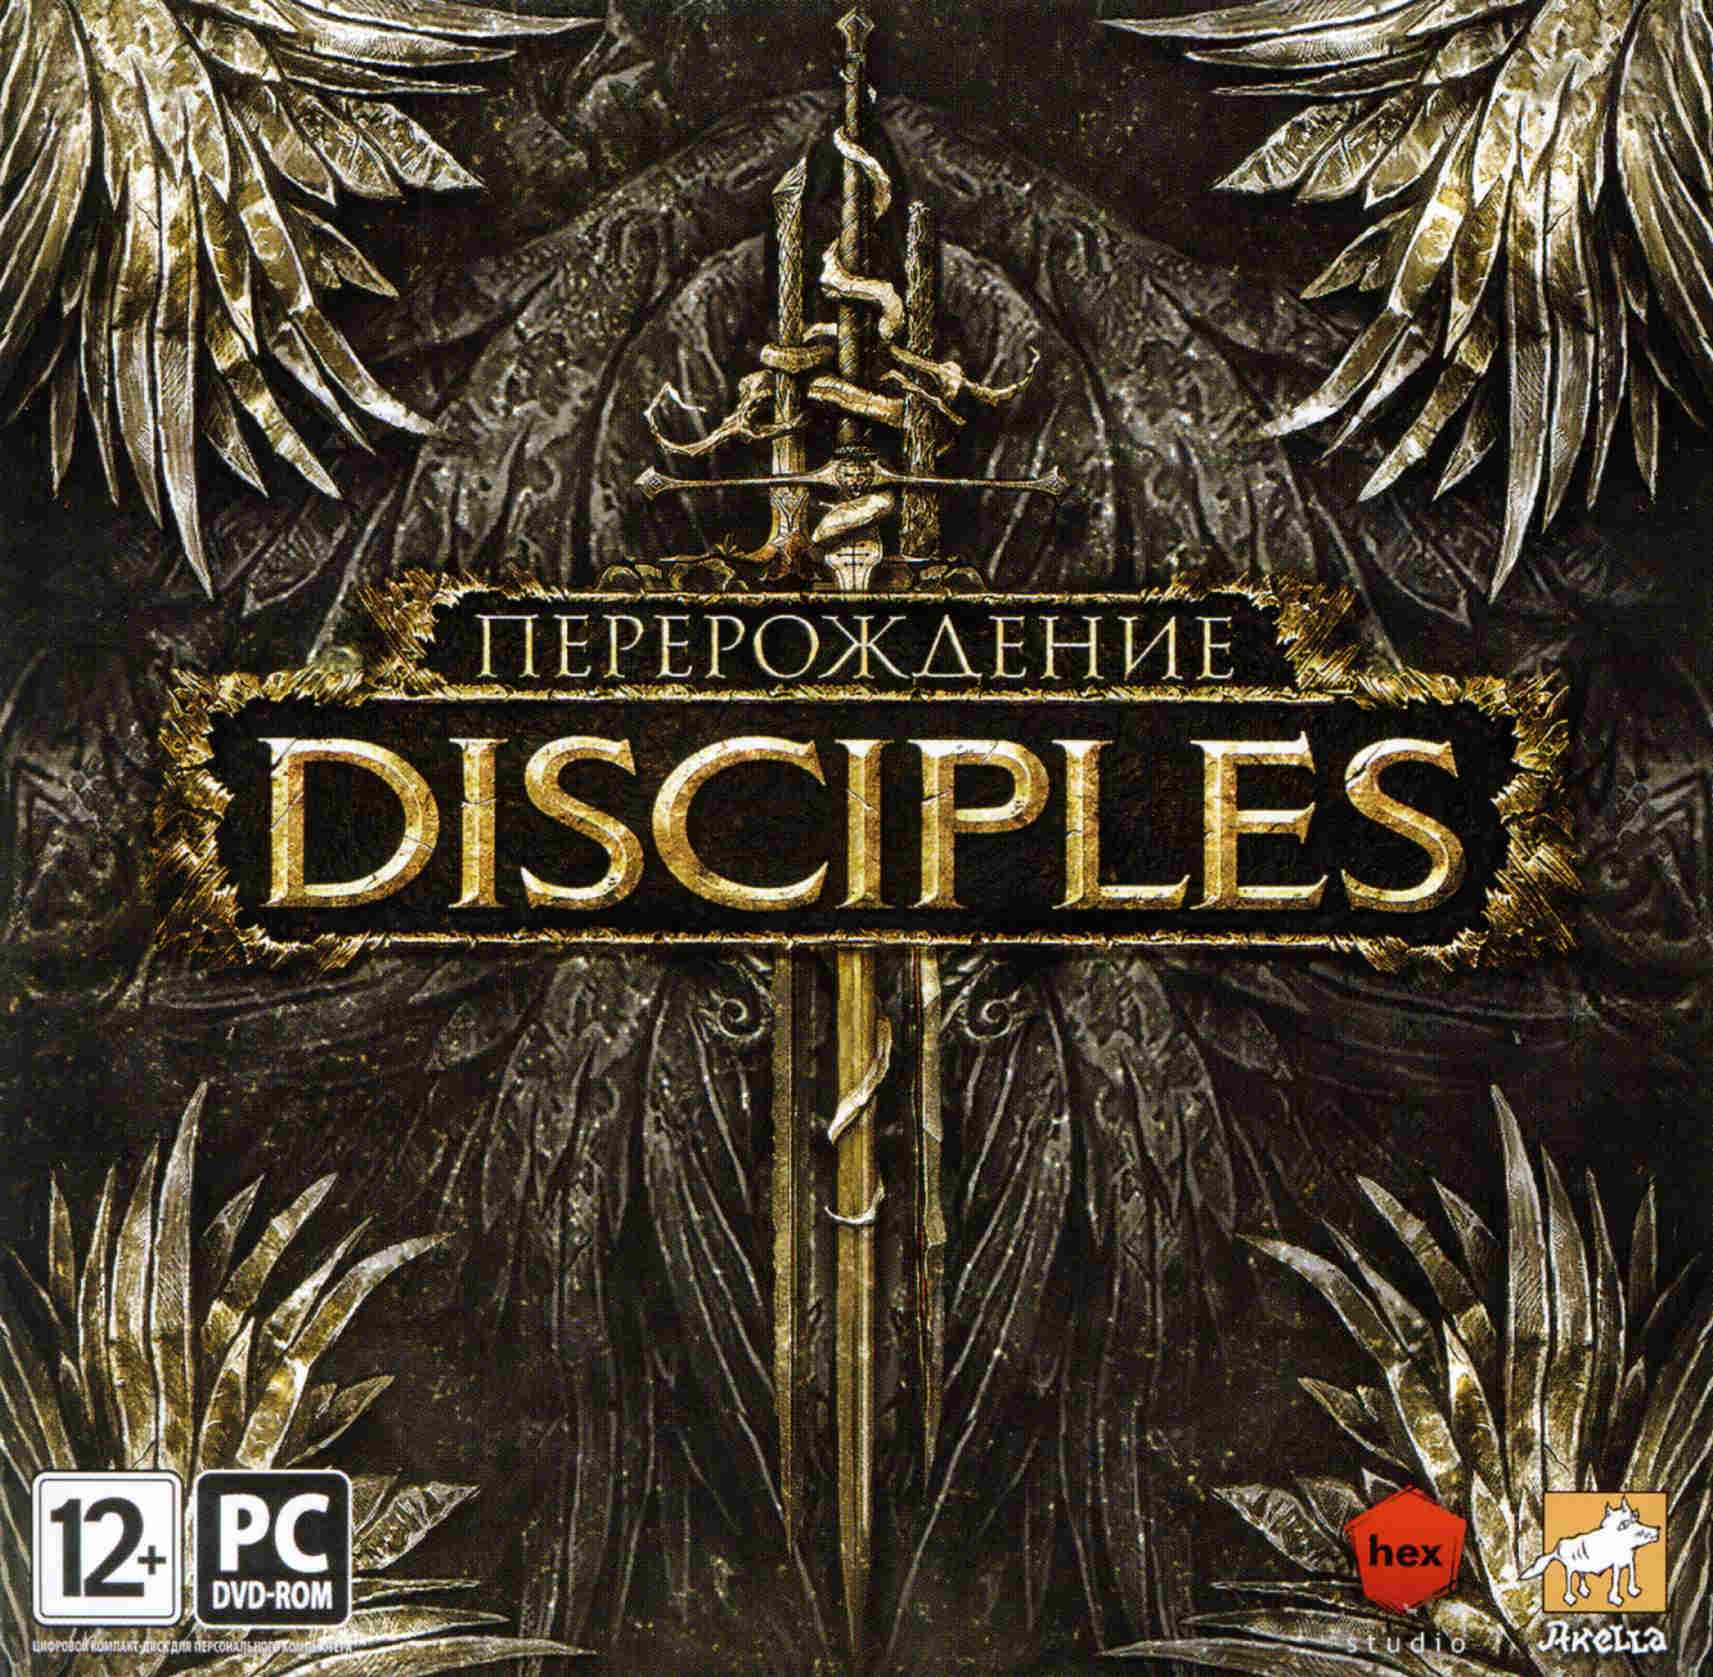 Disciples III Перерождение. Неповторимый визуальный стиль и